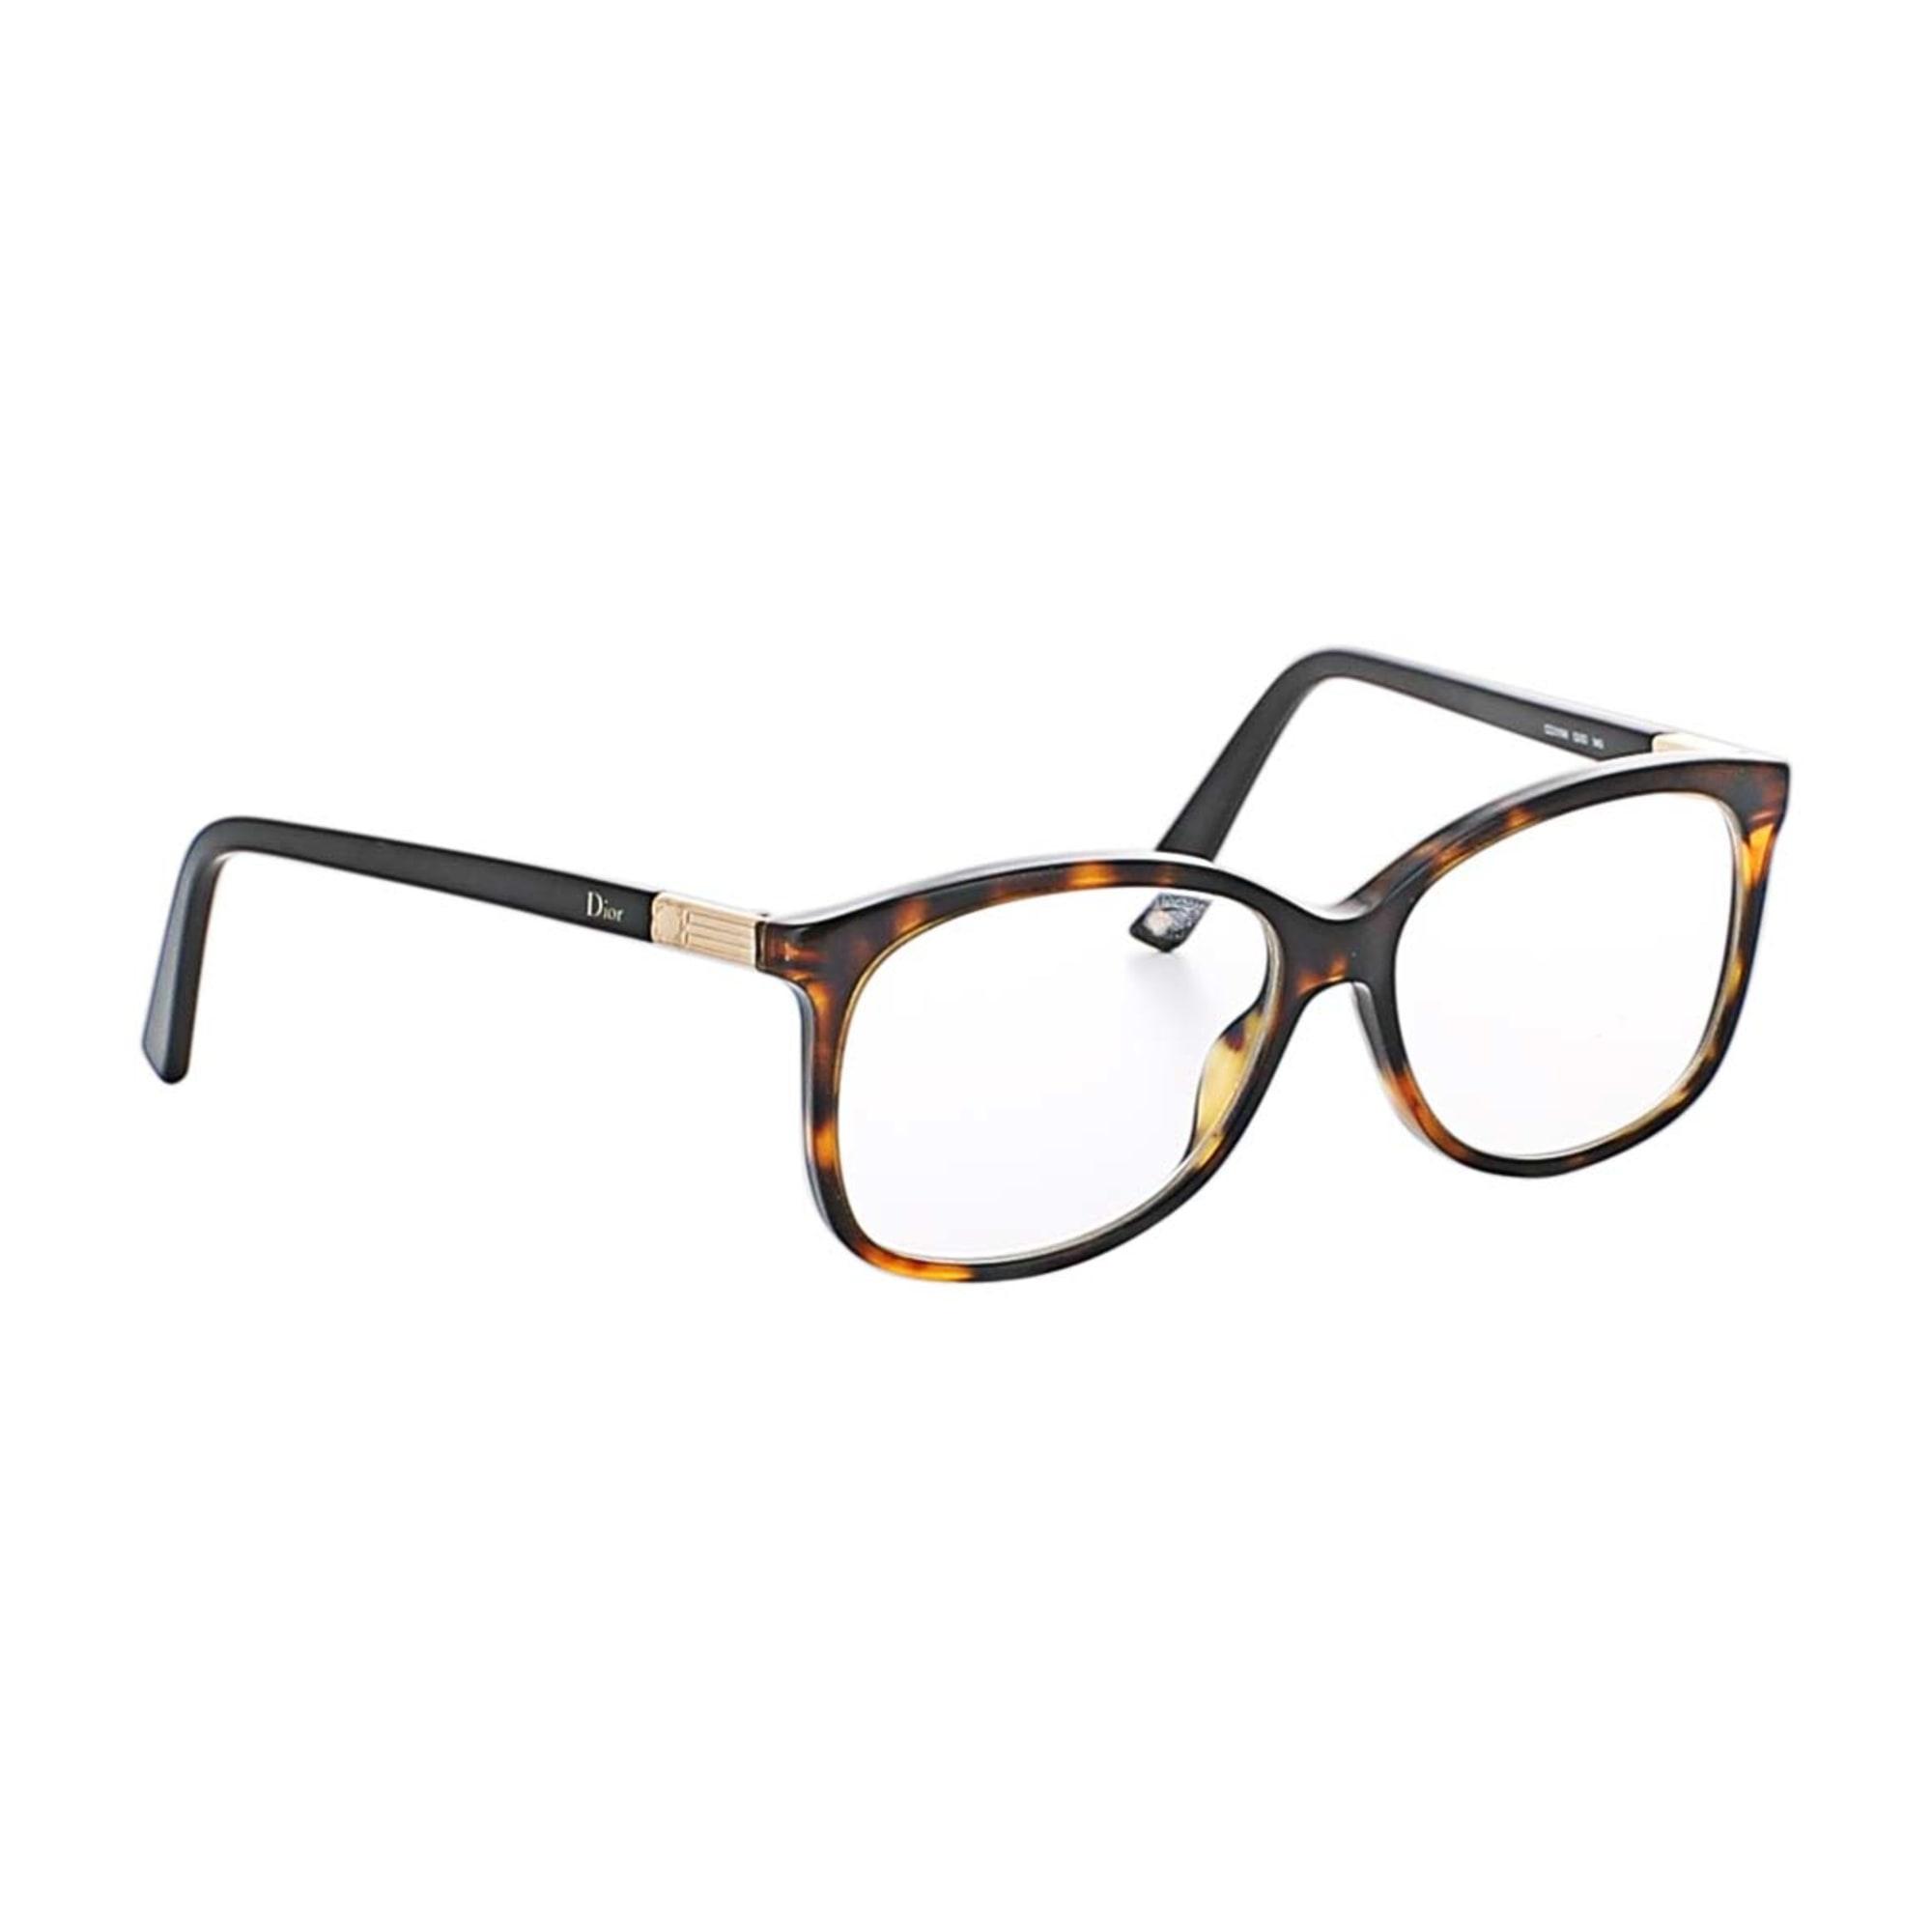 Monture de lunettes DIOR ecaillé vendu par Dressing de messy - 7163199 2c4315a5db53